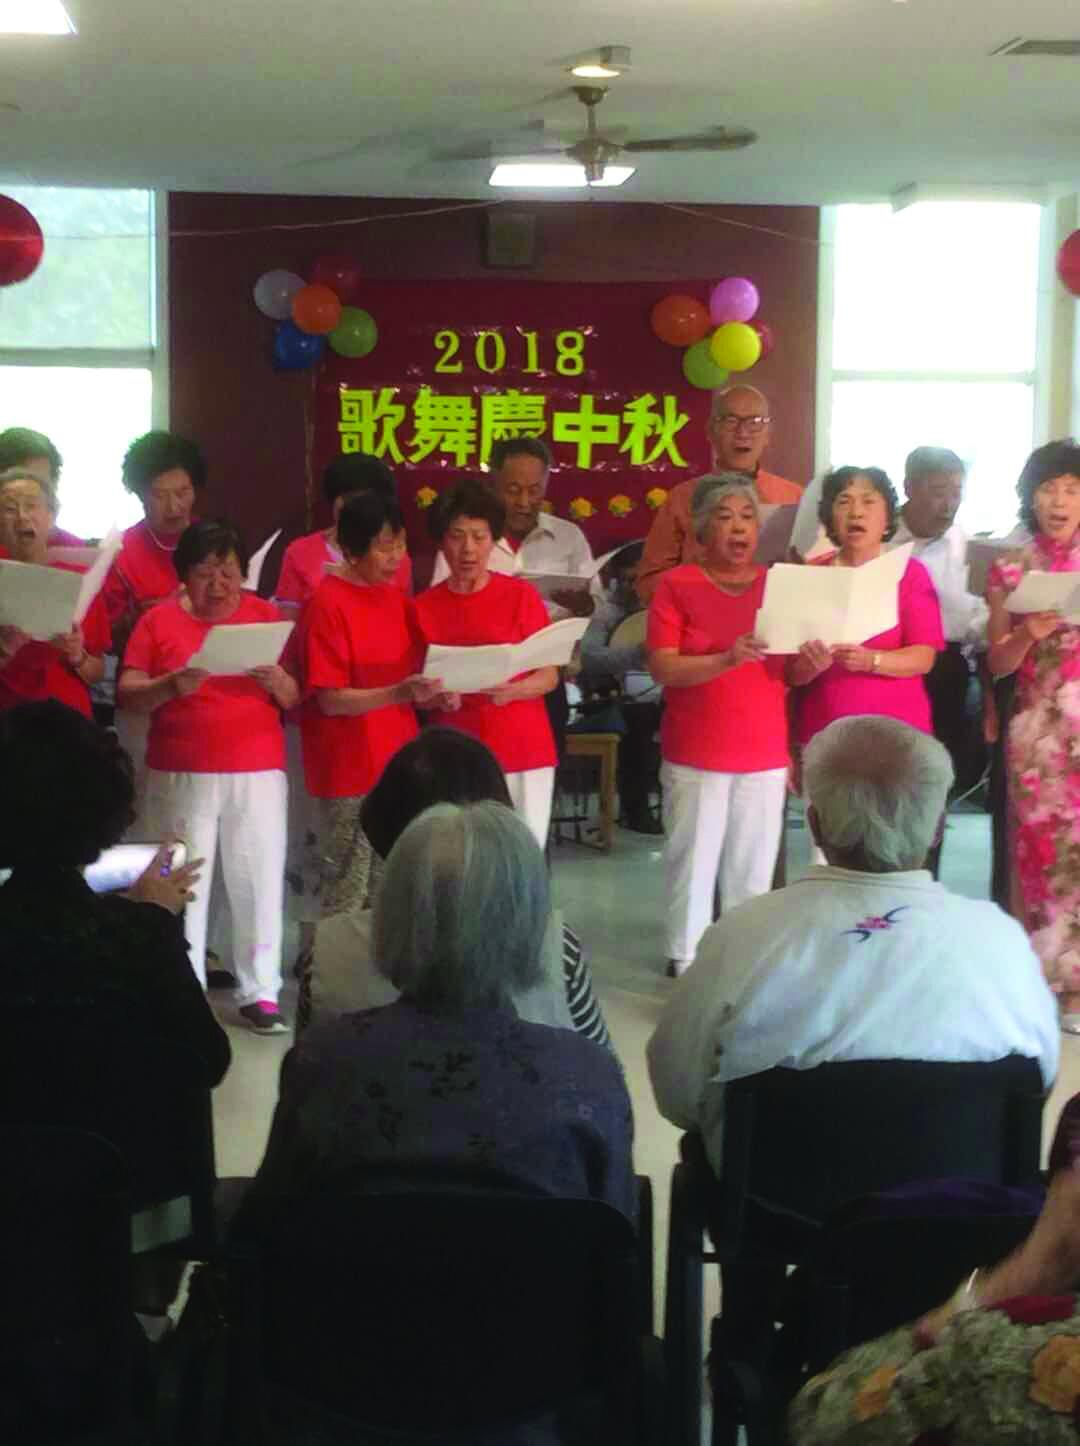 280-ge-wu-qing-zhong-qiu-huo-dong-hou-ji-1